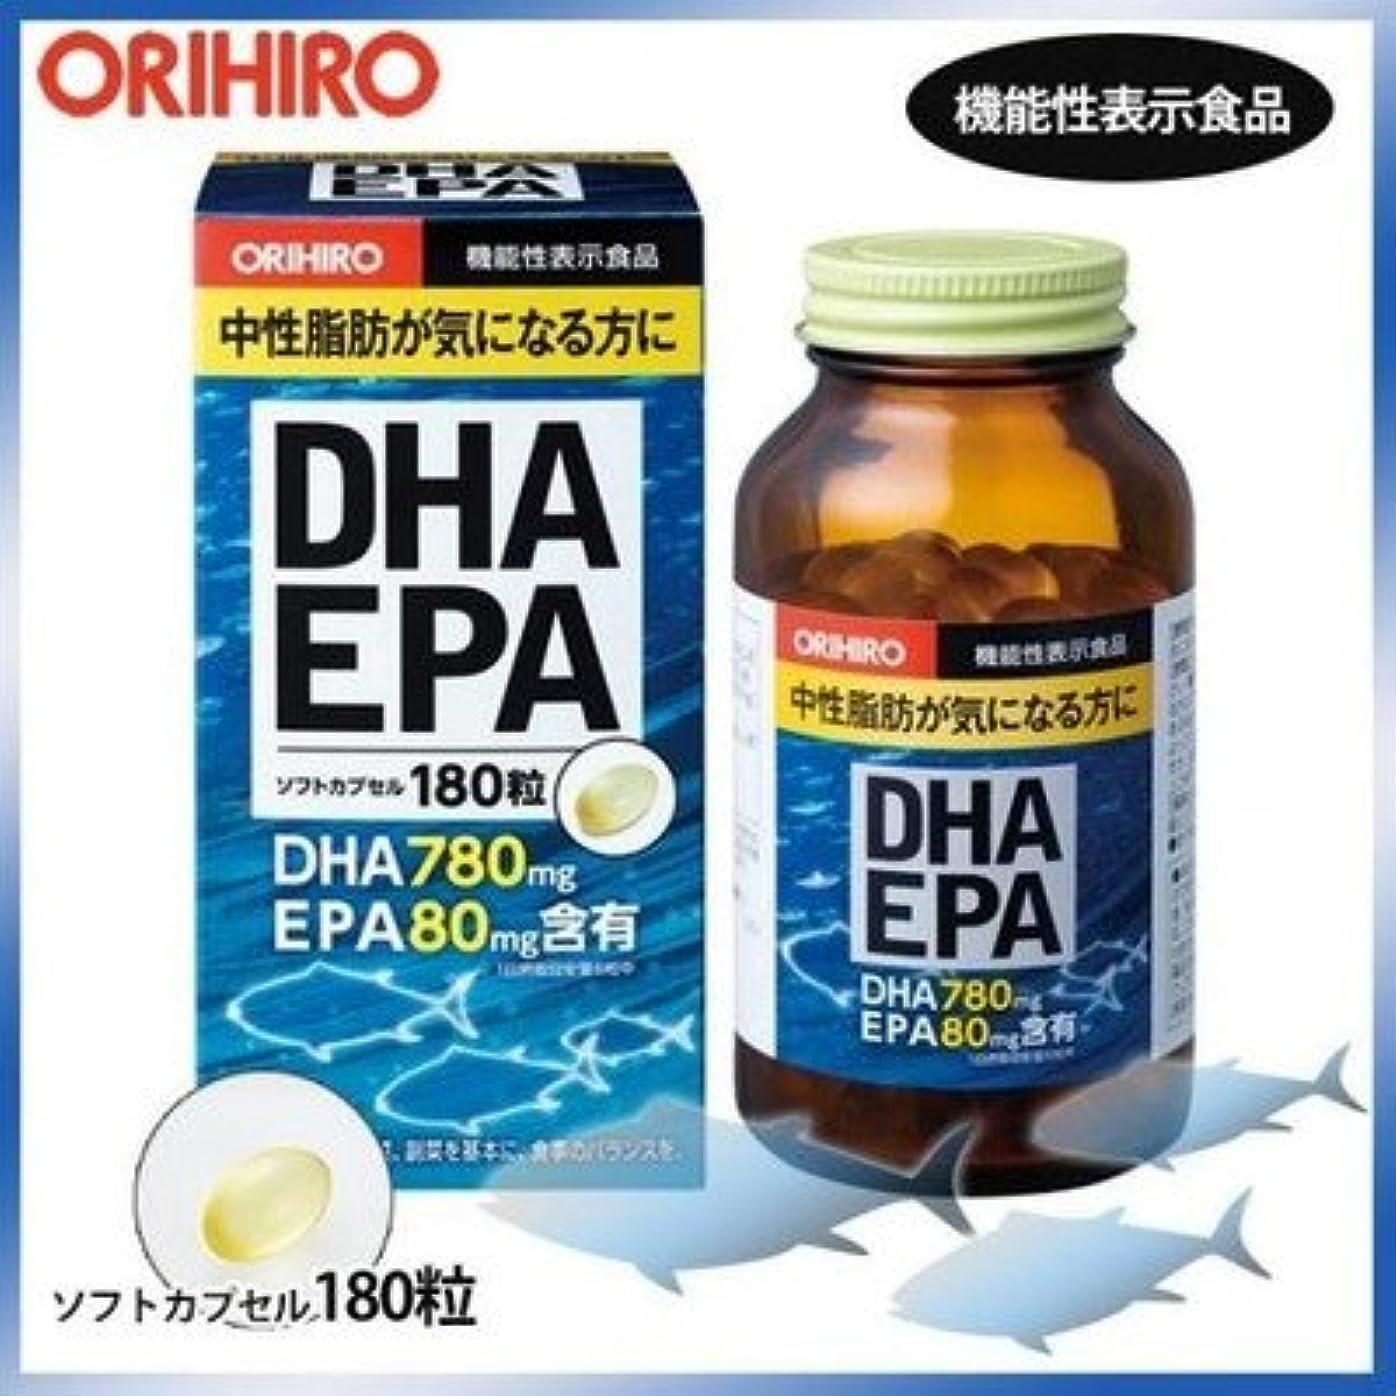 腰観光に行く破滅的なオリヒロ 機能性表示食品 DHA&EPA ソフトカプセル 180粒(1粒511mg/内容液357mg) 60208210